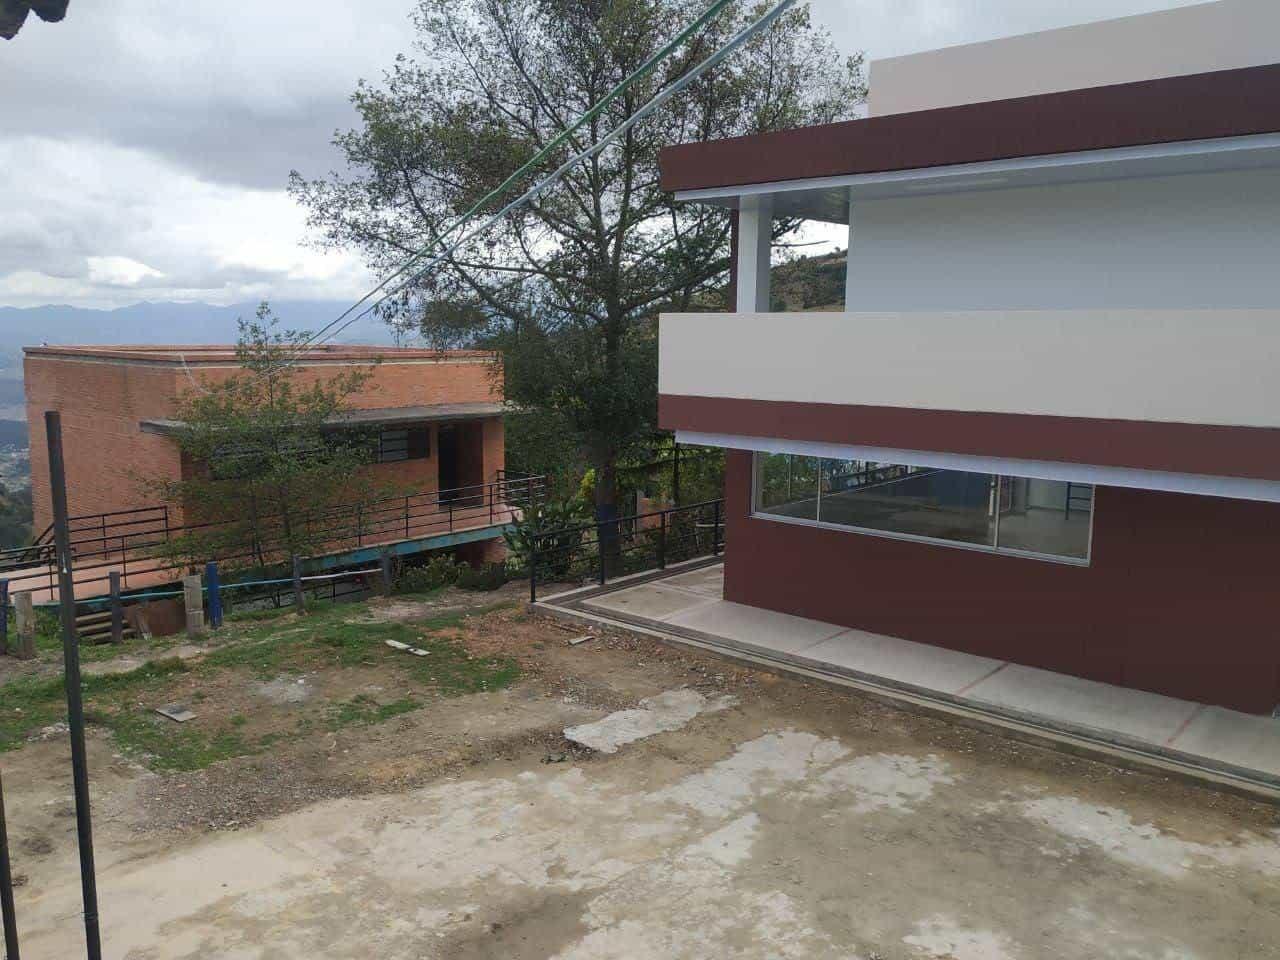 El colegio Marco Antonio Quijano Rico, de Sogamoso, ya cuenta con una sede nueva y moderna 1